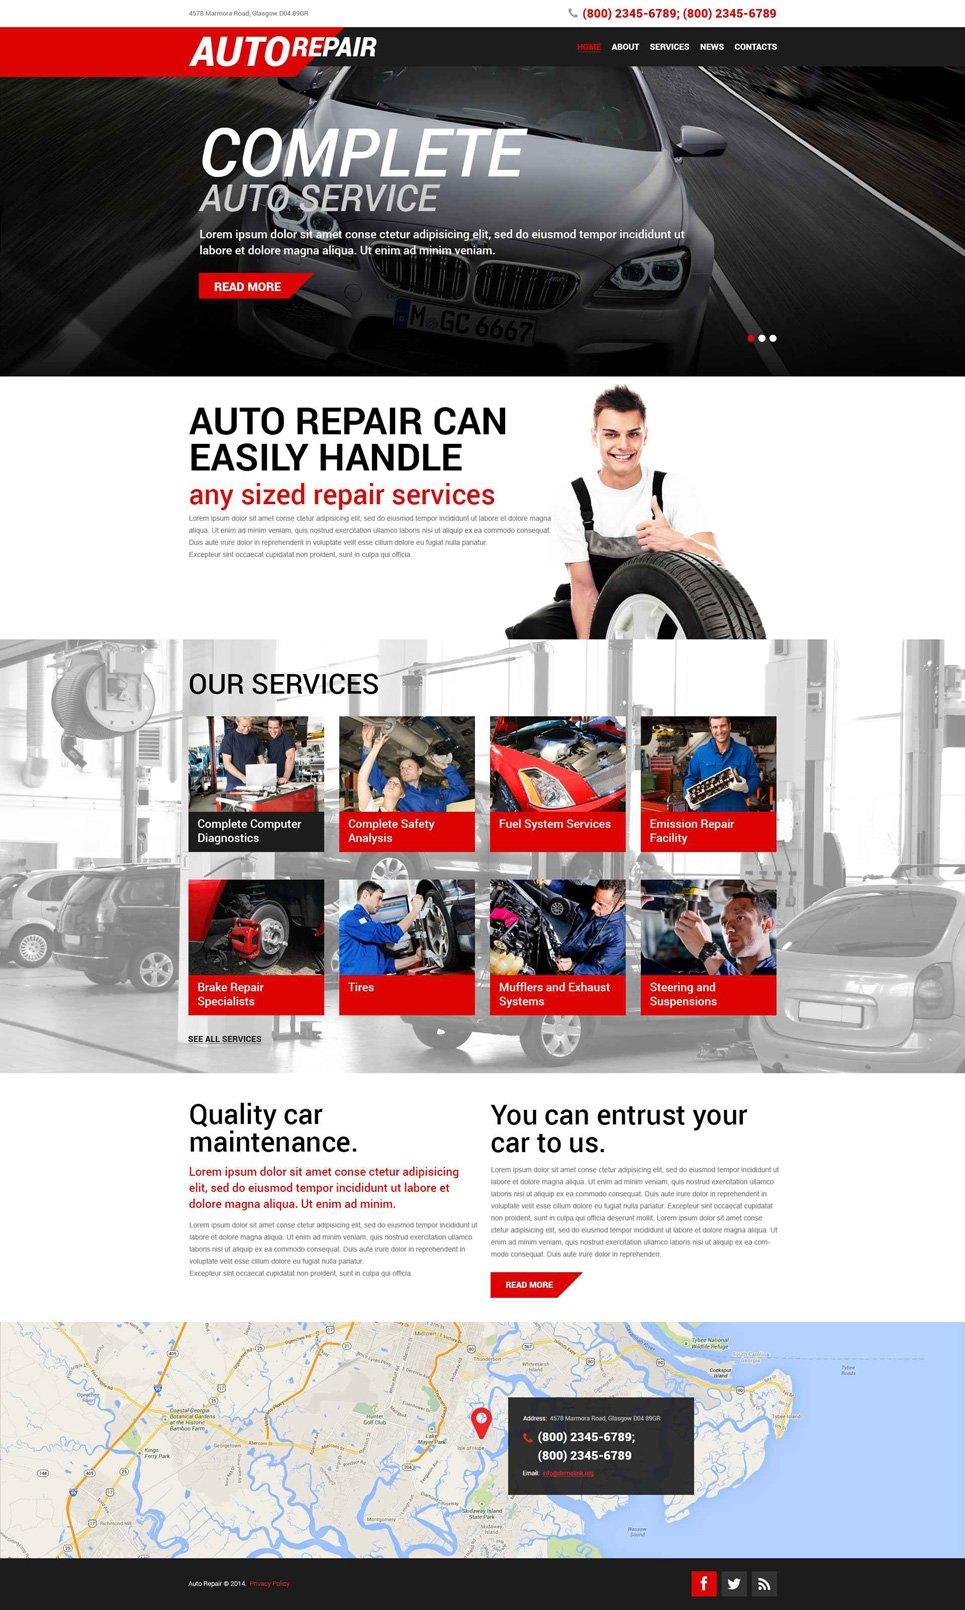 Auto Repair Tuning Service